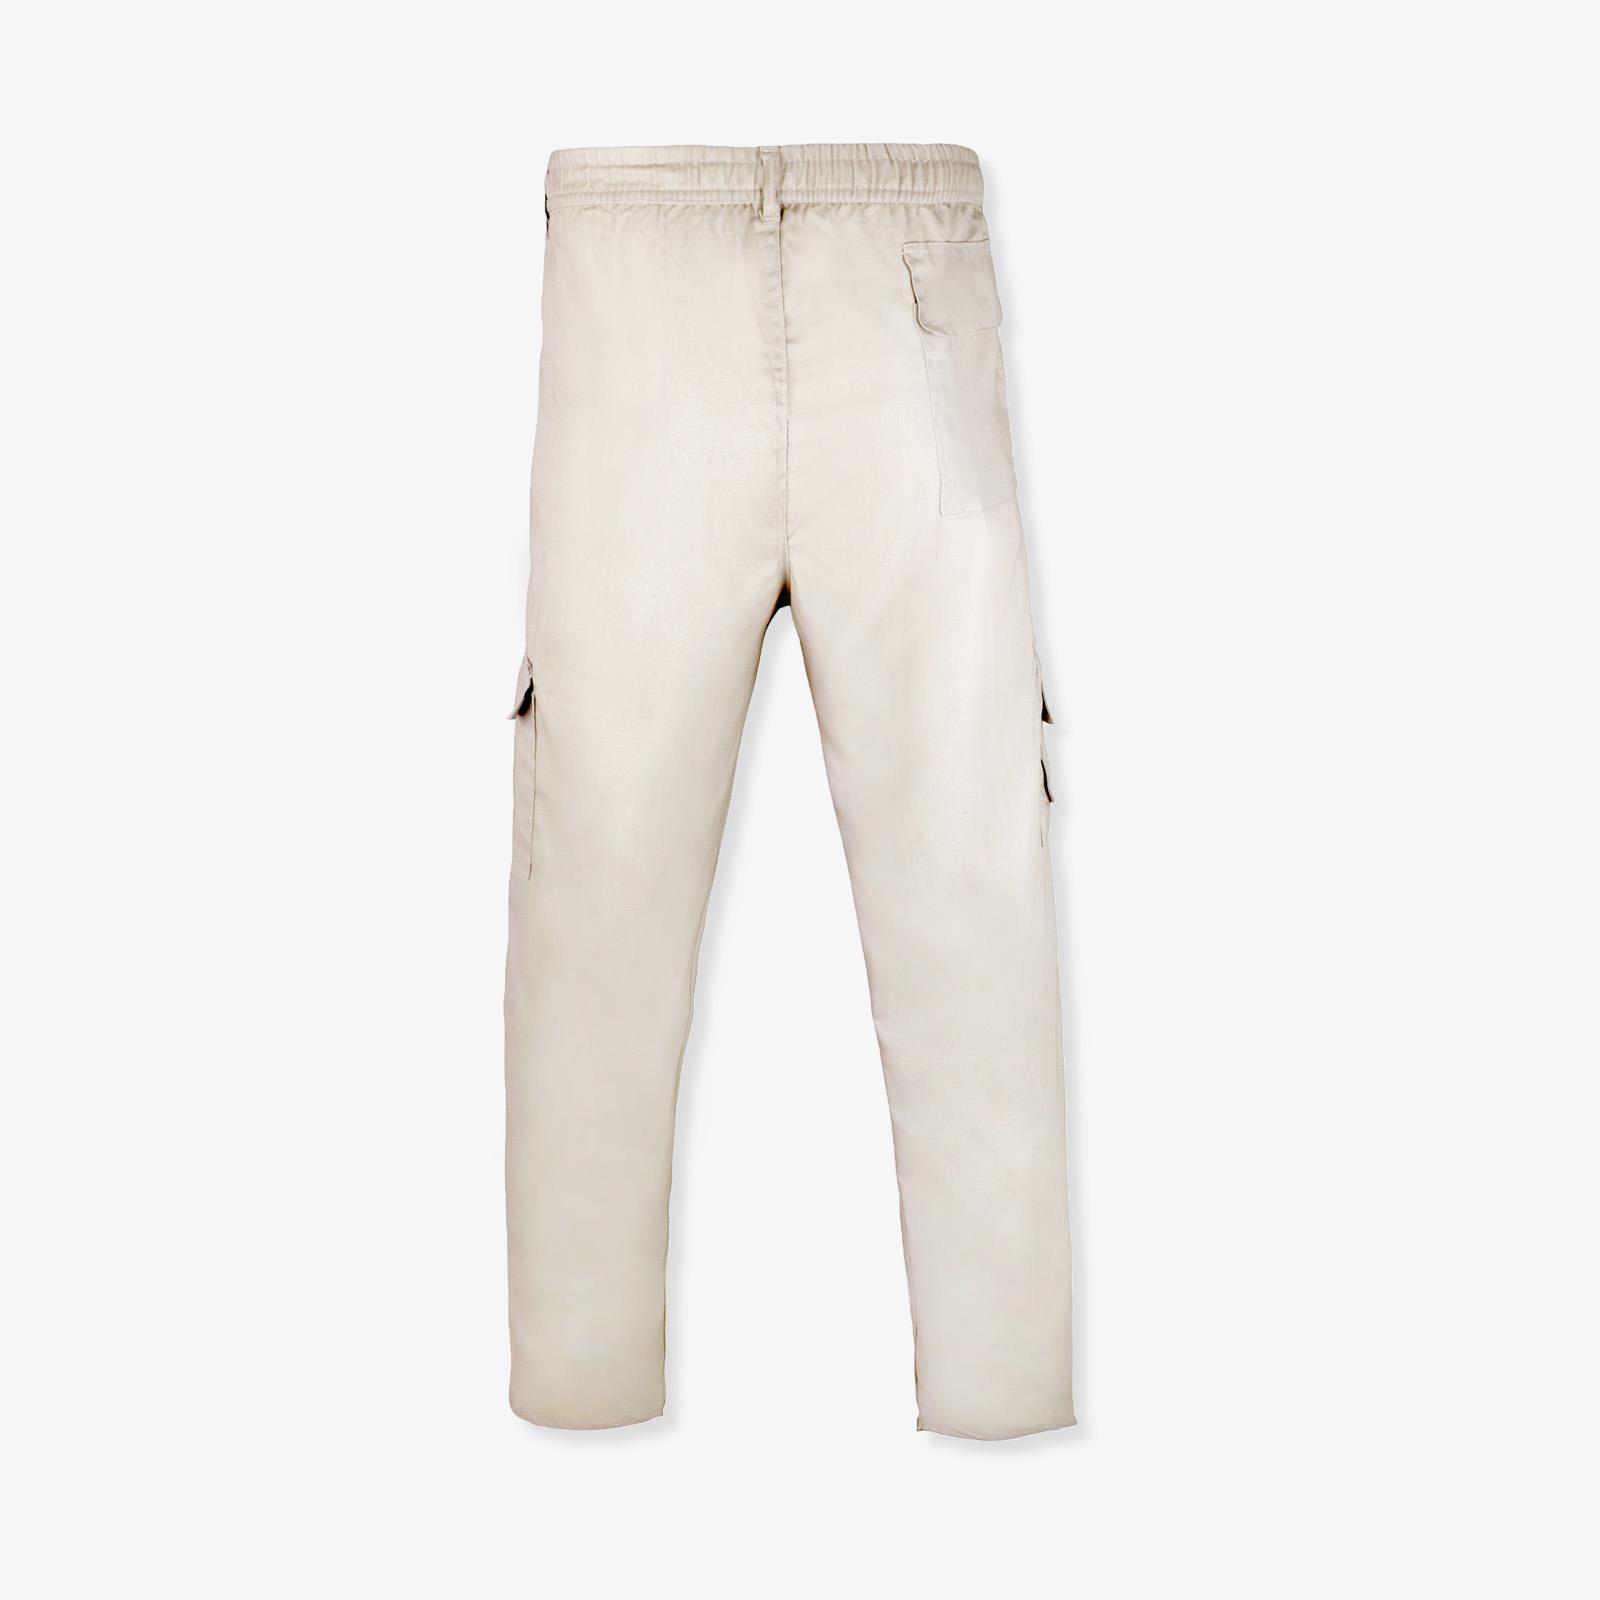 Pantalon-Homme-Cargo-Militaire-Ample-Poche-Grande-Taille-Elastique-Travail miniature 17